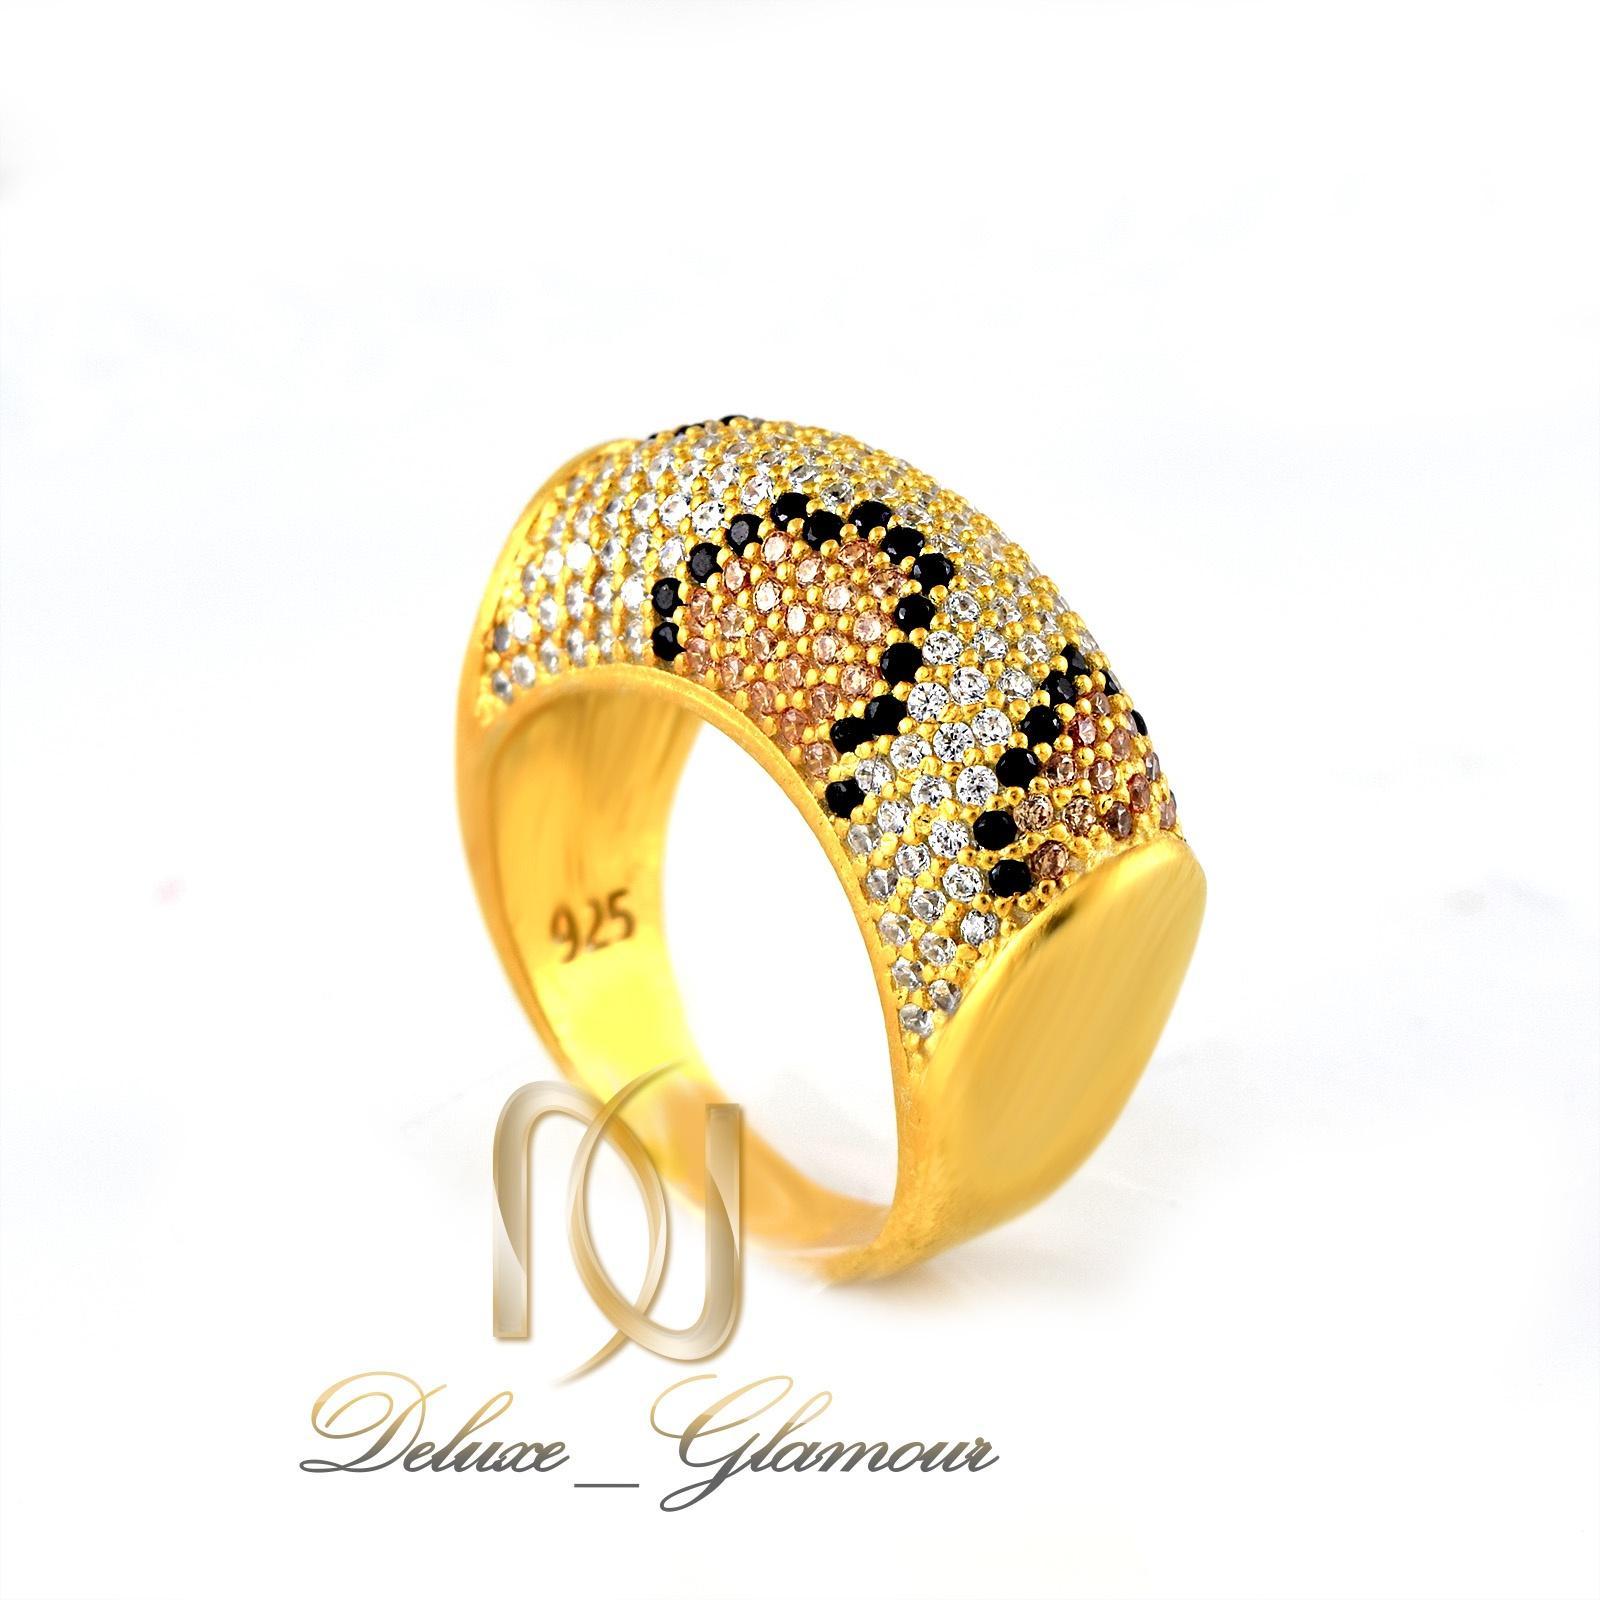 ست دستبند و انگشتر نقره طرح پوست مار ns-n233 از نماي انگشتر